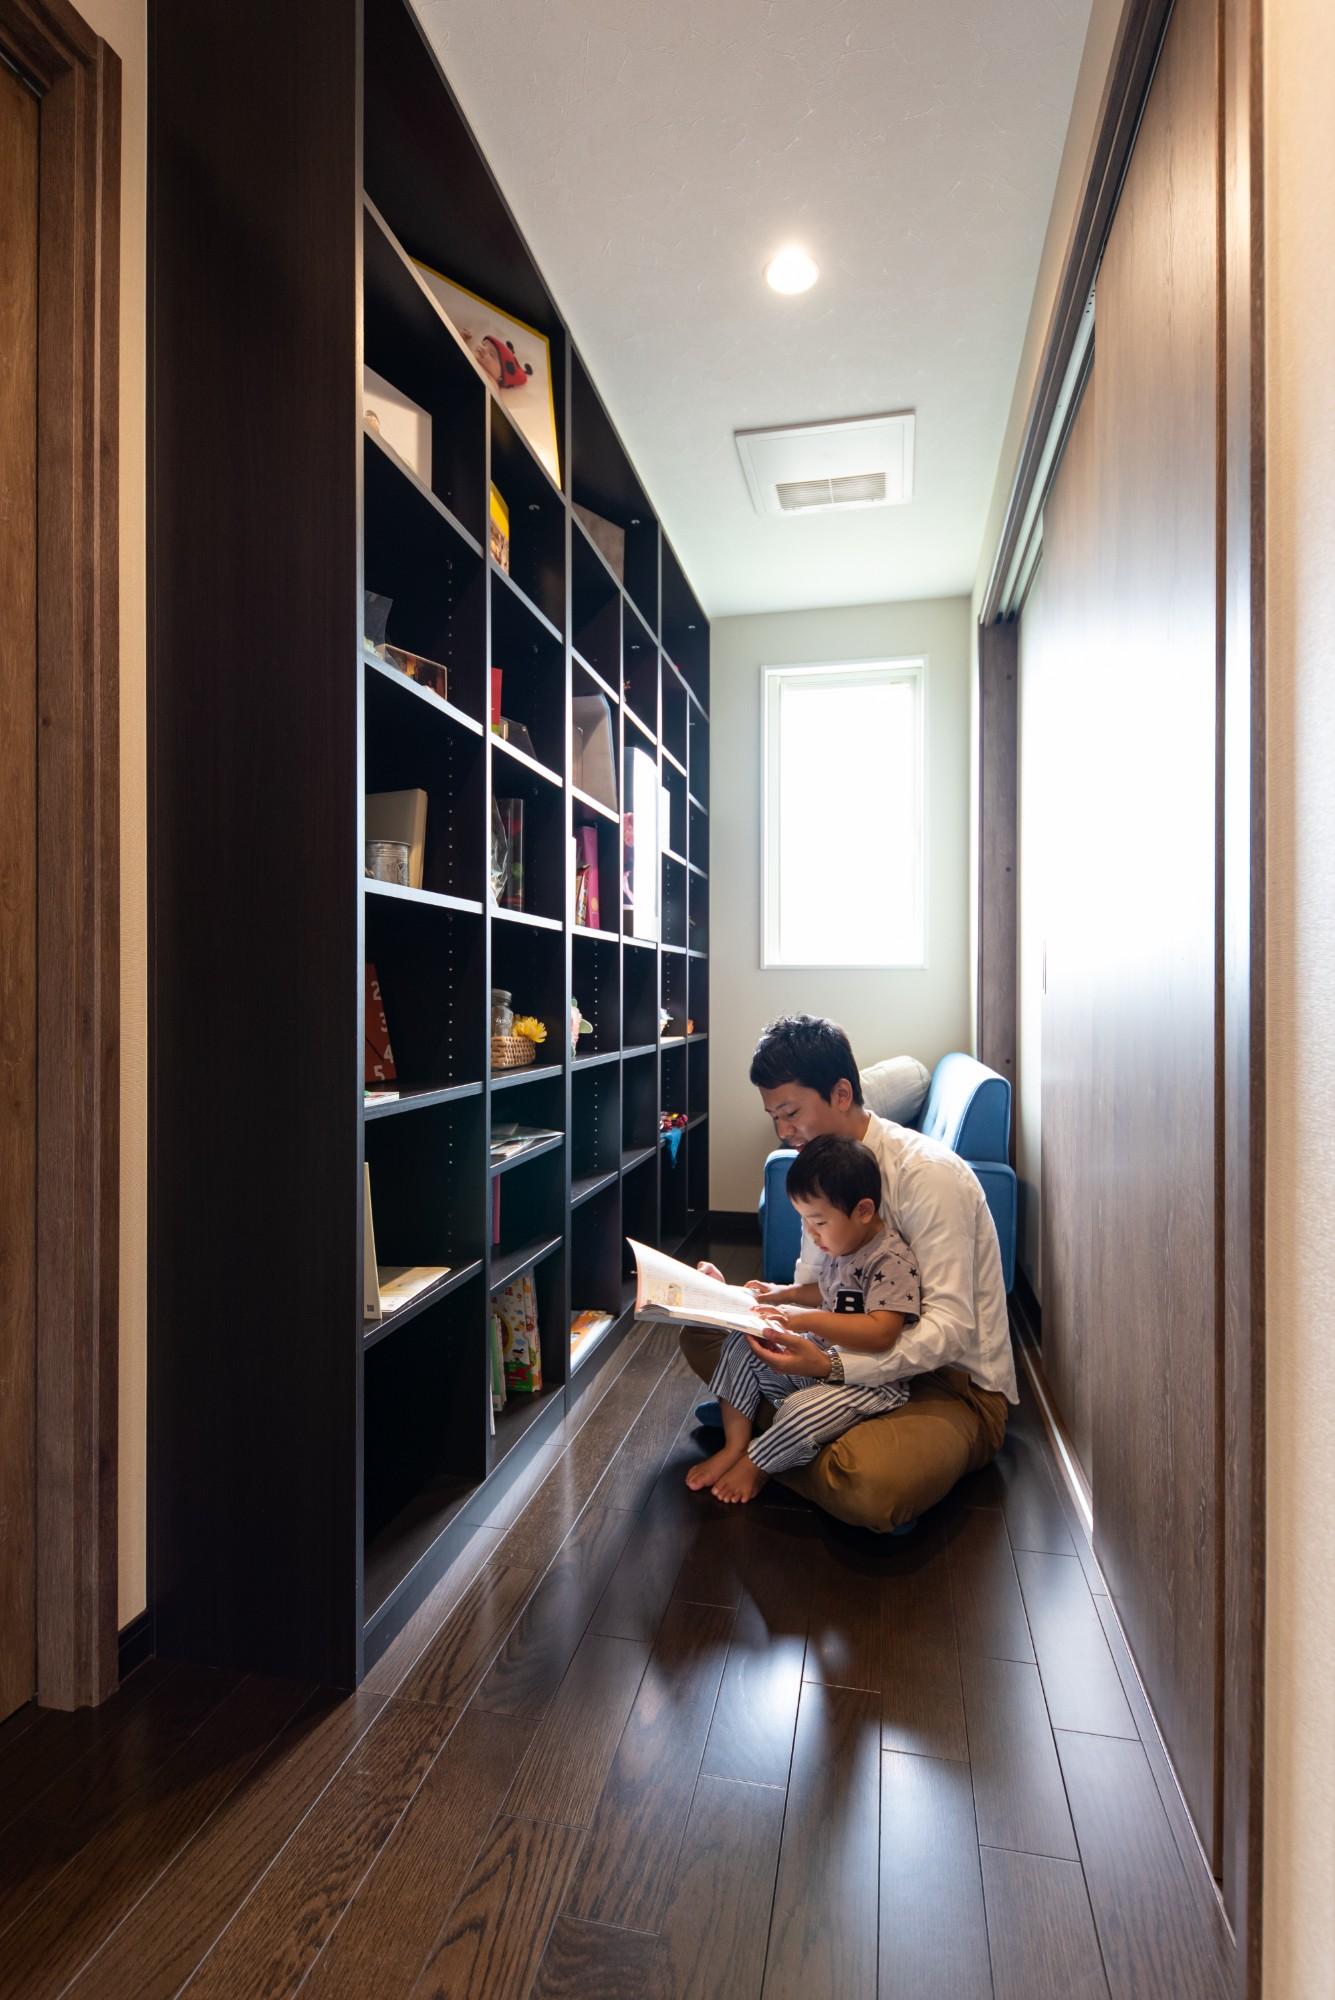 ファミリースペースとして、お子様と本を読んだり、ここでゆったり本を読むことも出来ます。